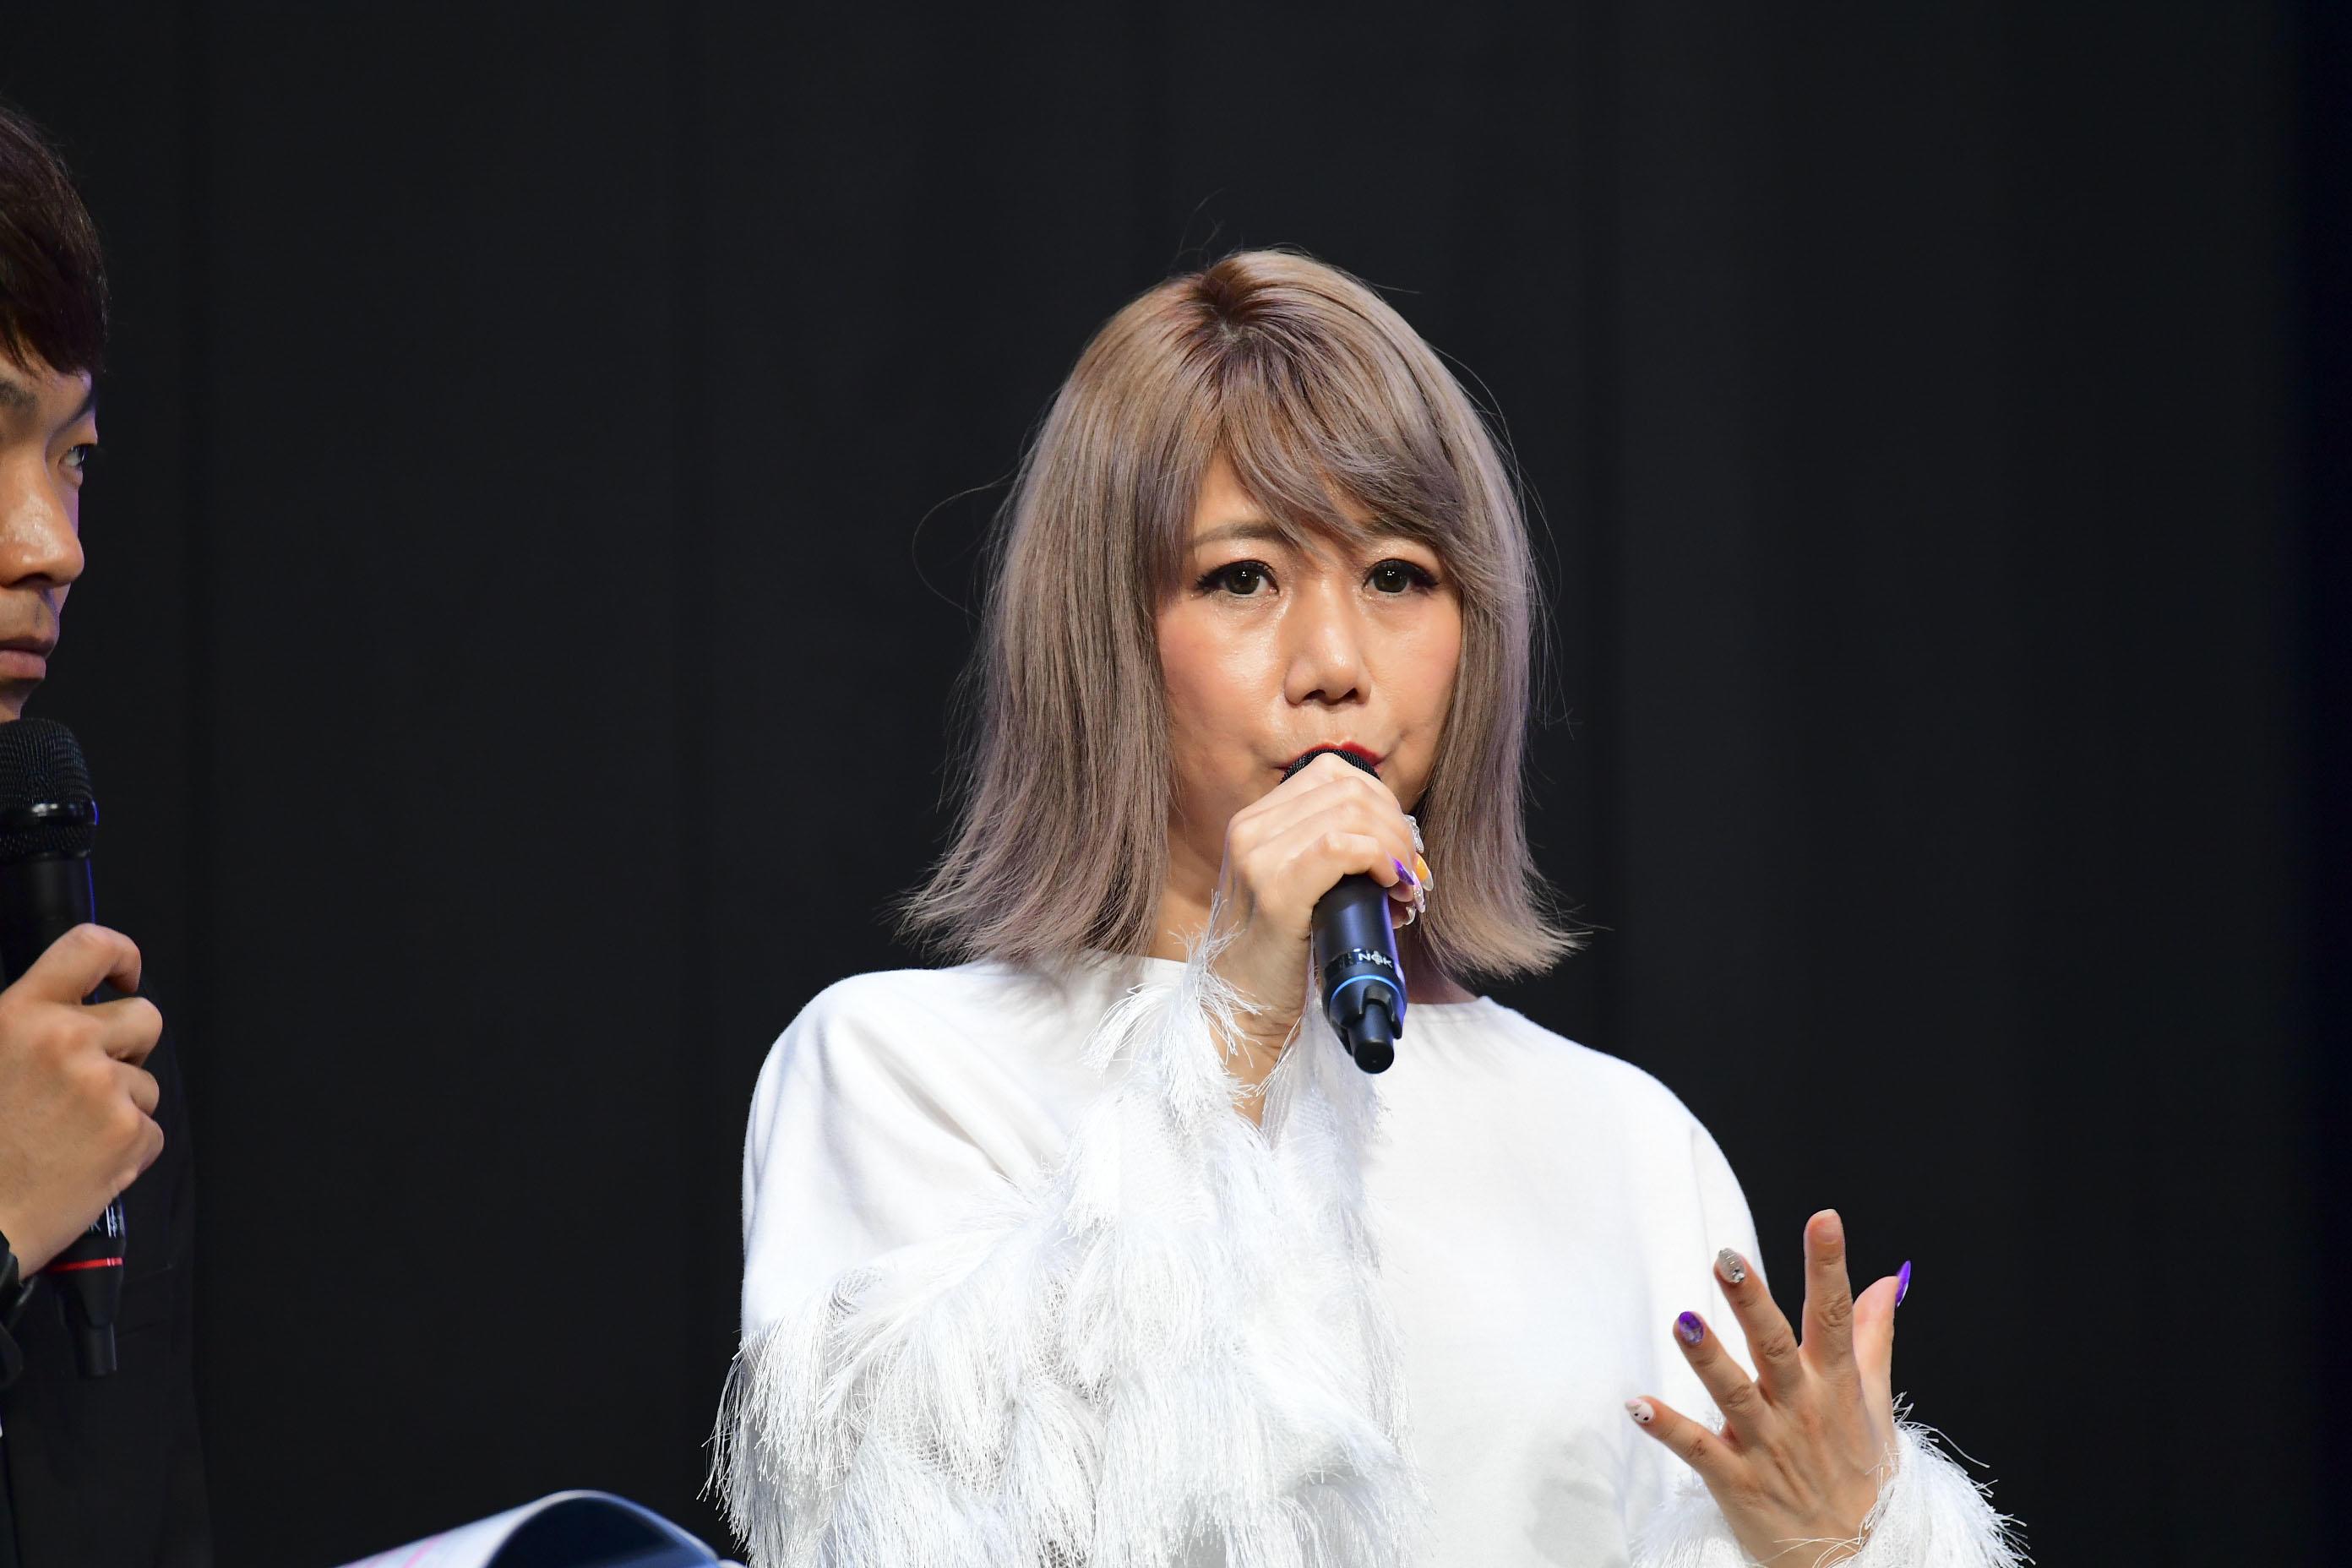 http://news.yoshimoto.co.jp/20170924095303-89f6fea2142543835b9fba15209e9ff6b95b7cda.jpg